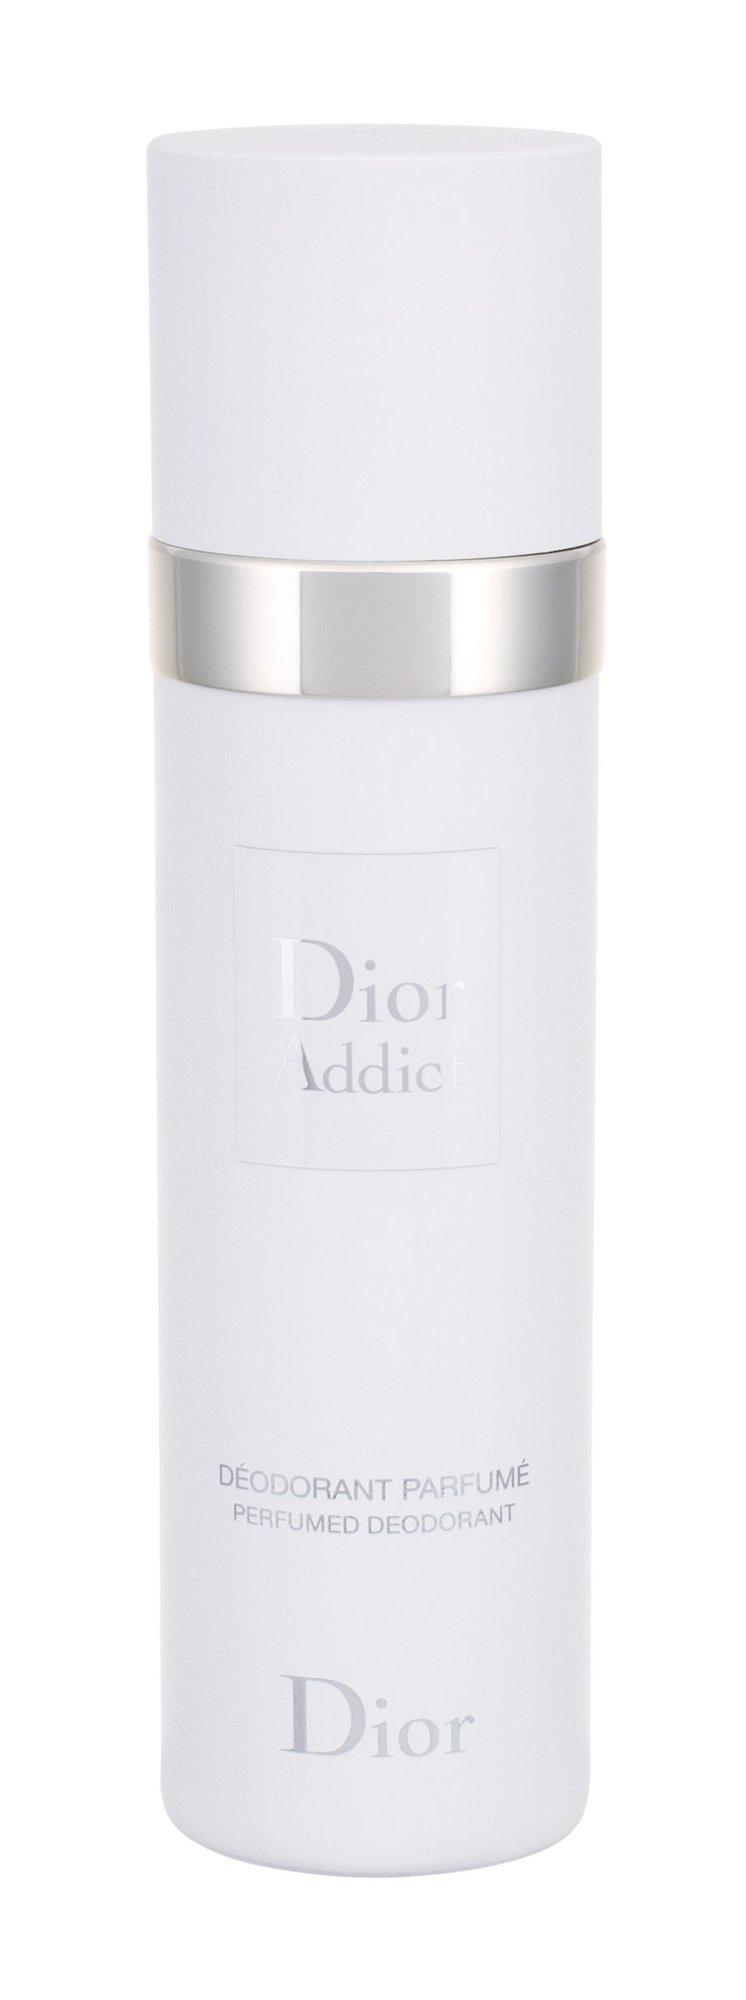 Christian Dior Addict Deodorant 100ml